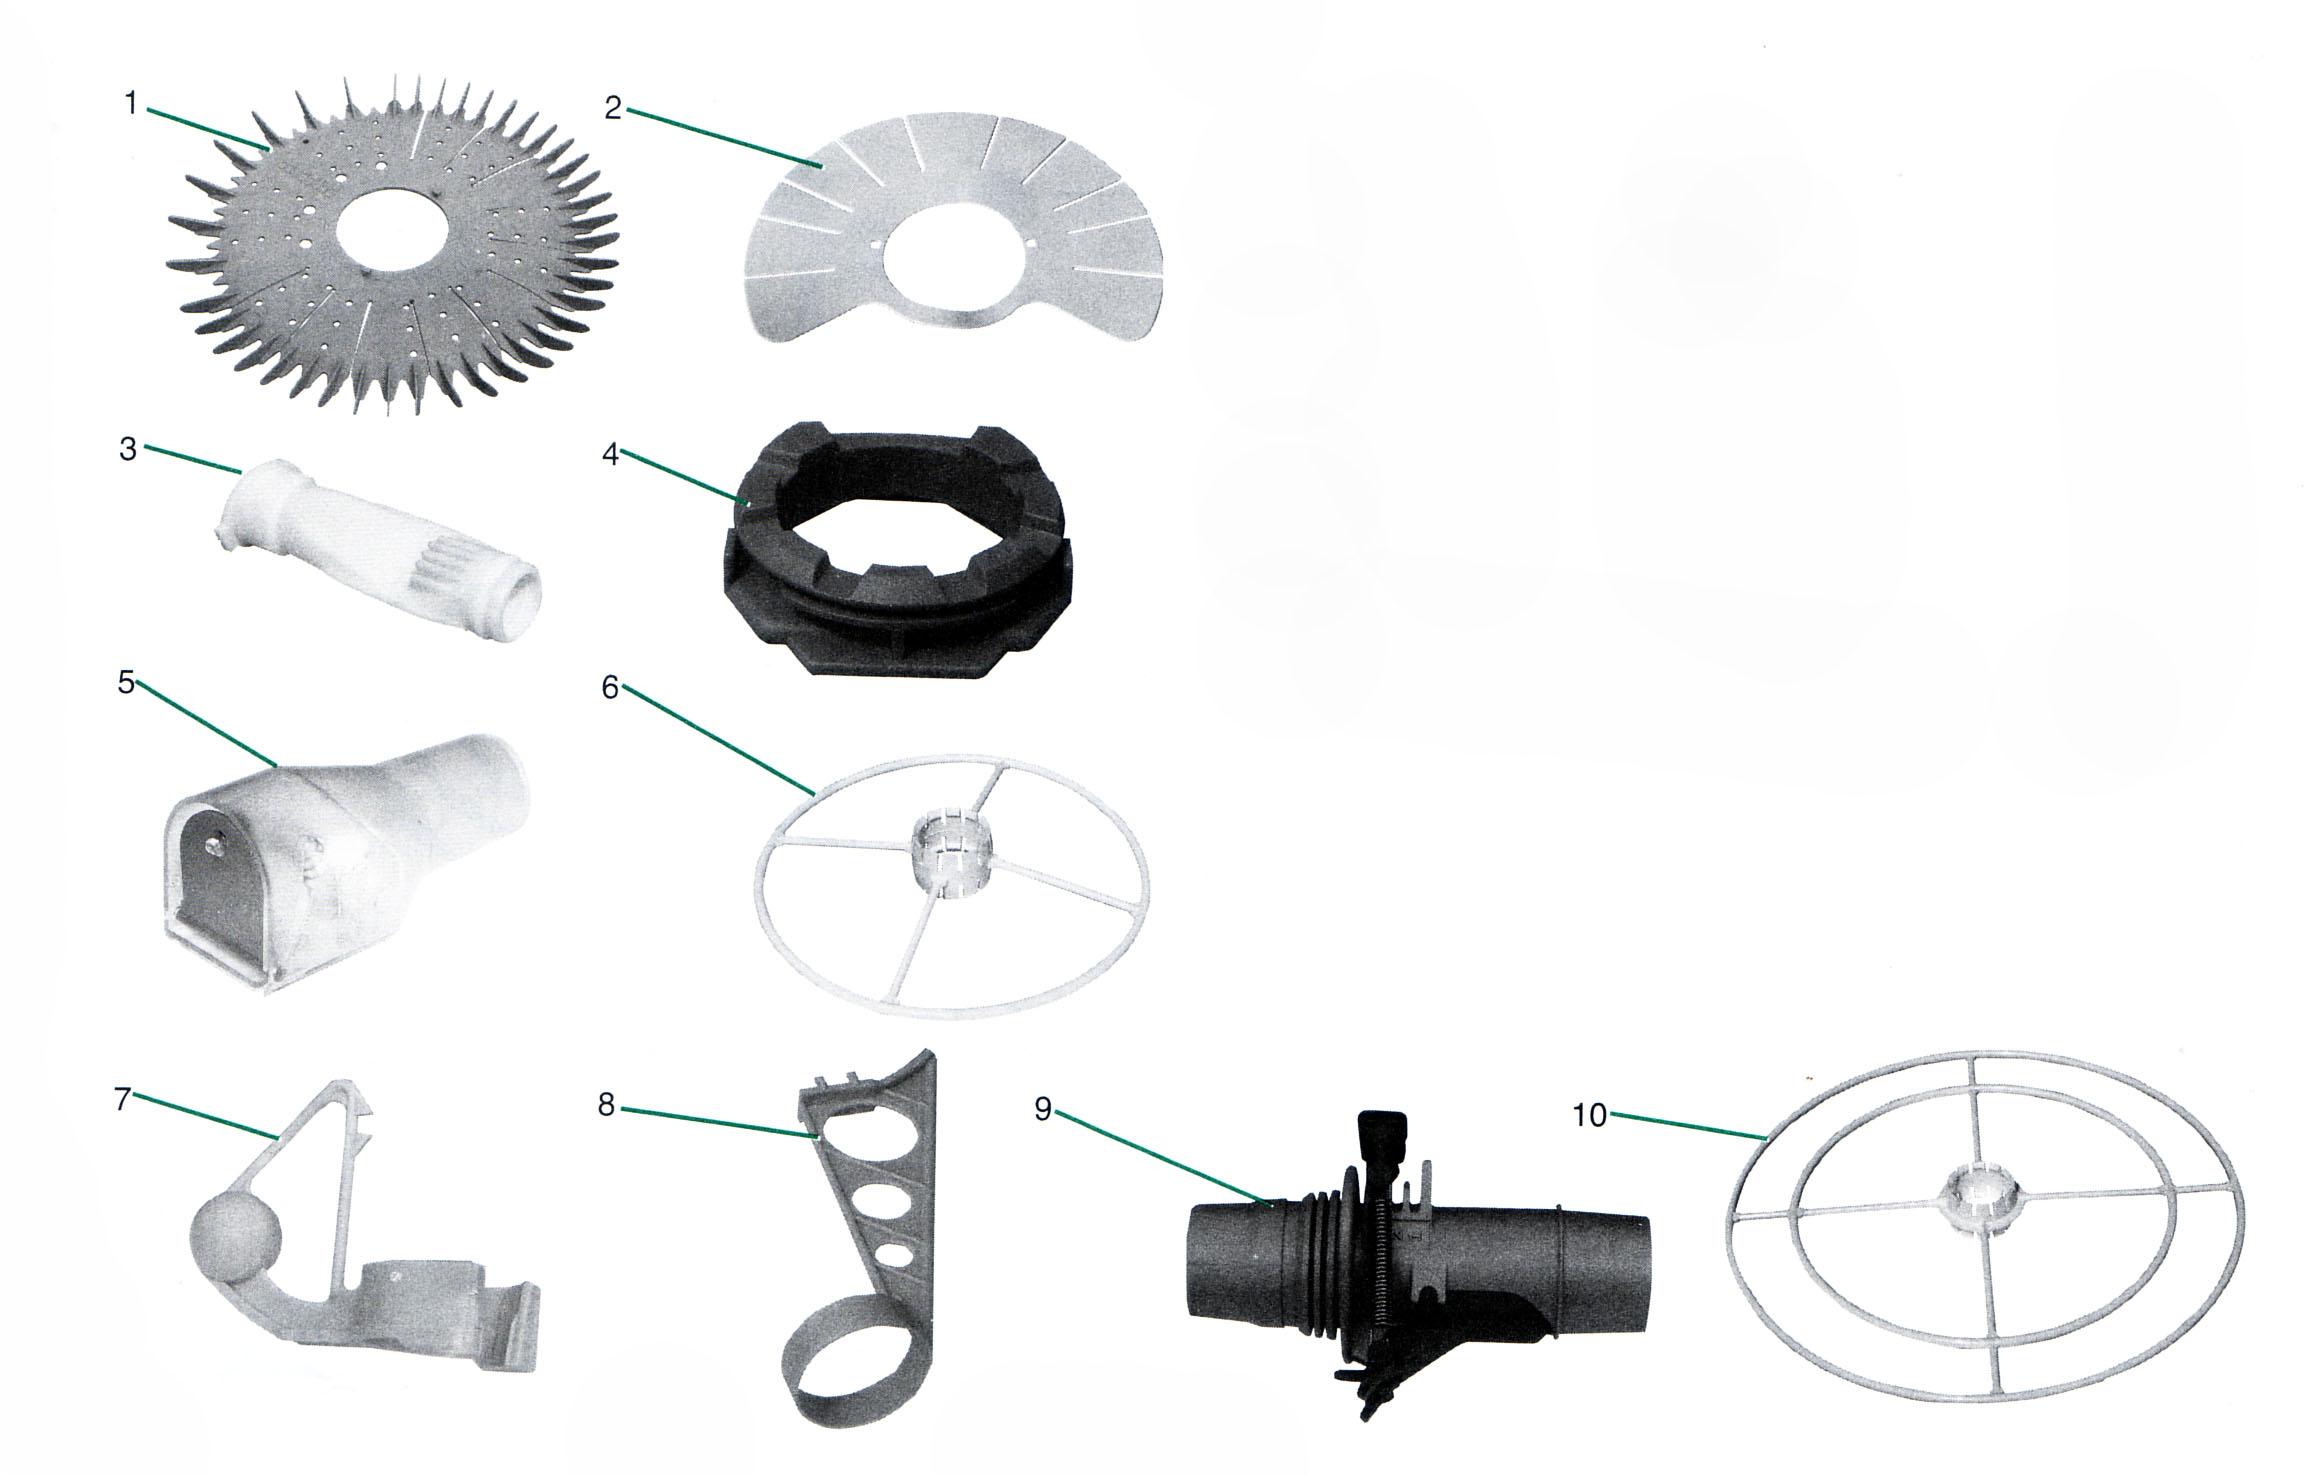 Baracuda Super Genius Parts